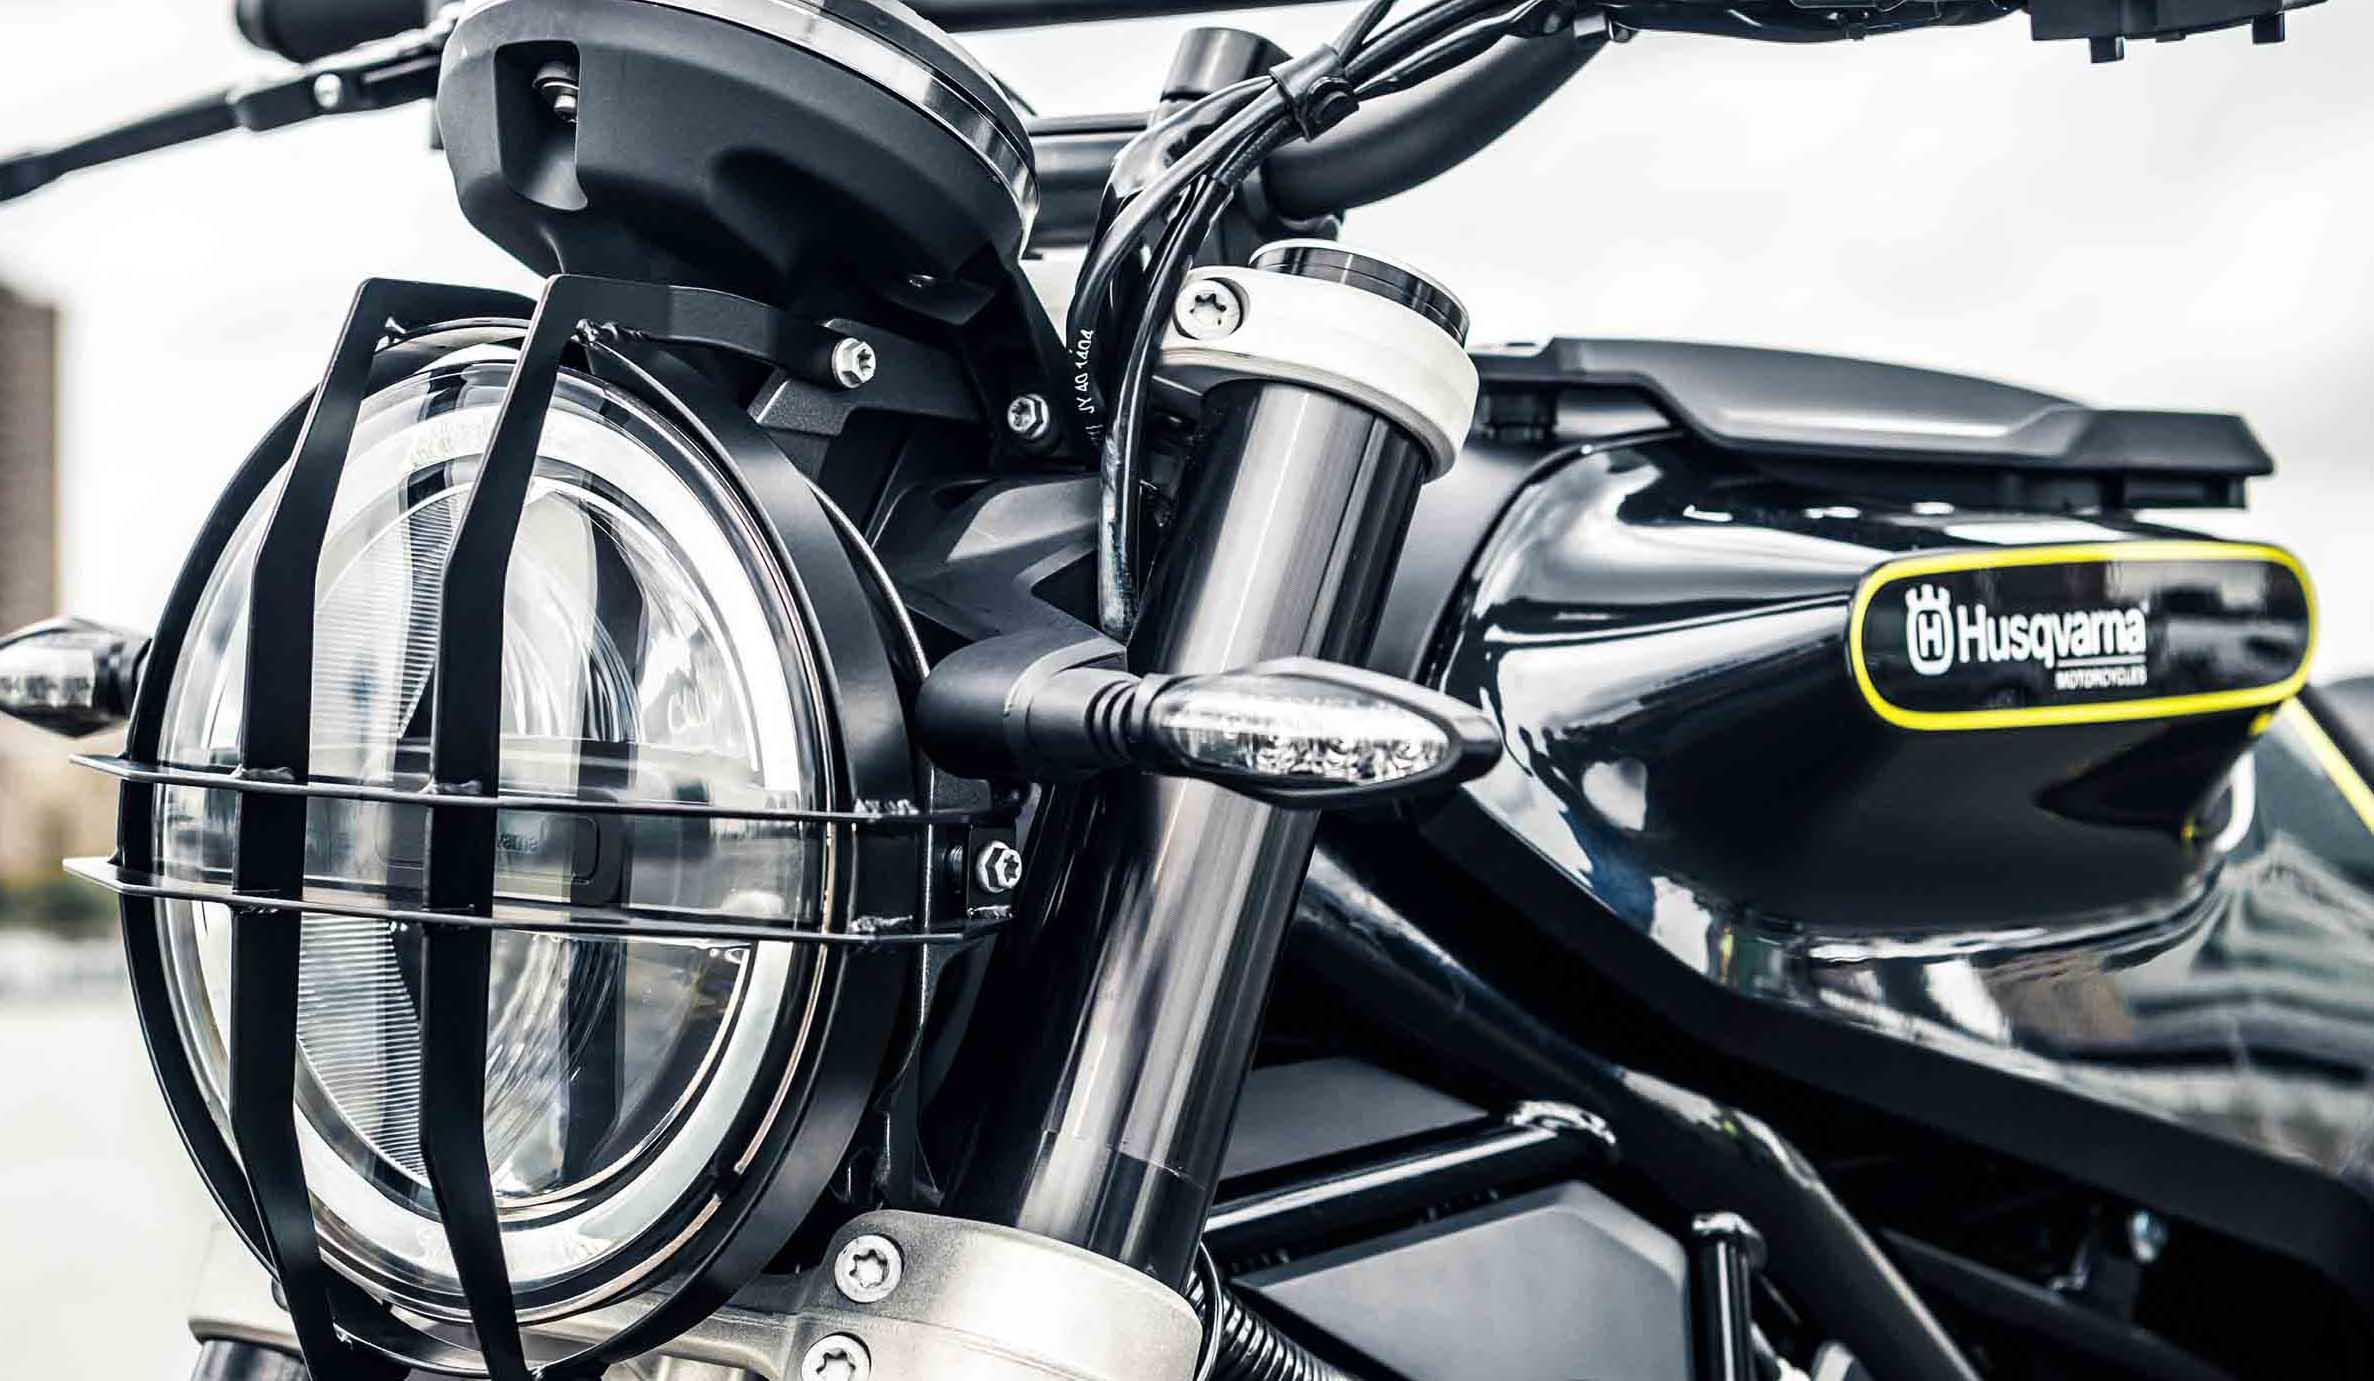 ハスクバーナのバイク